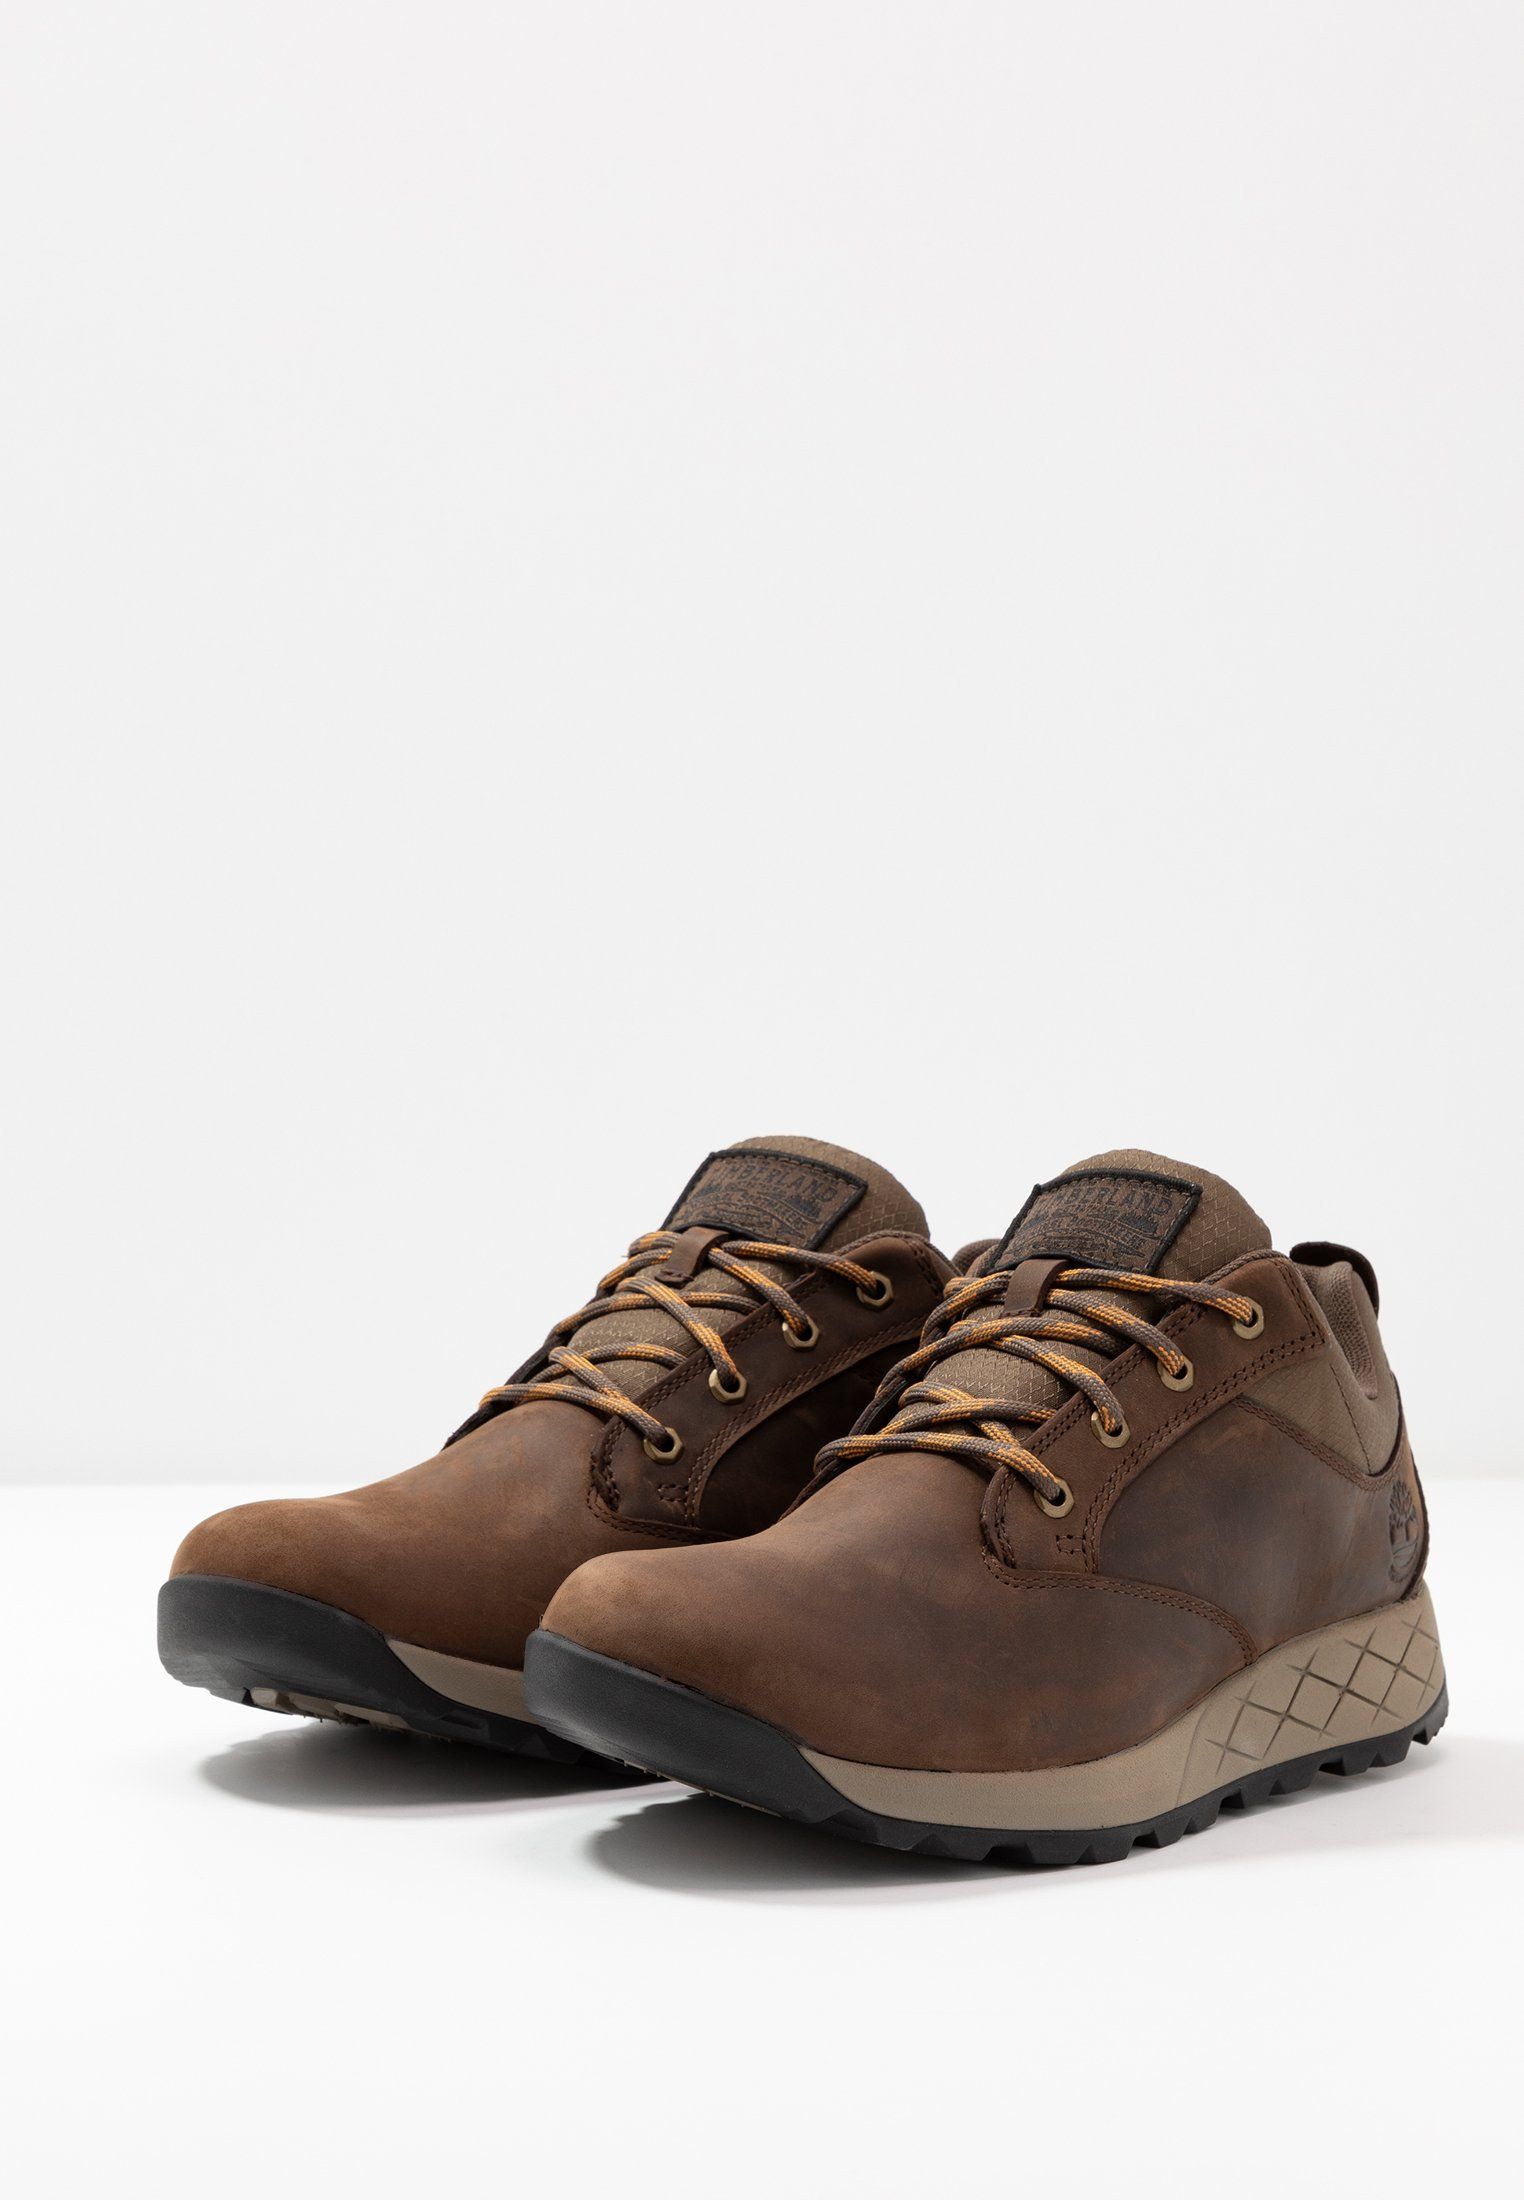 Timberland Tuckerman Low Wp - Zapatos Con Cordones Dark Brown